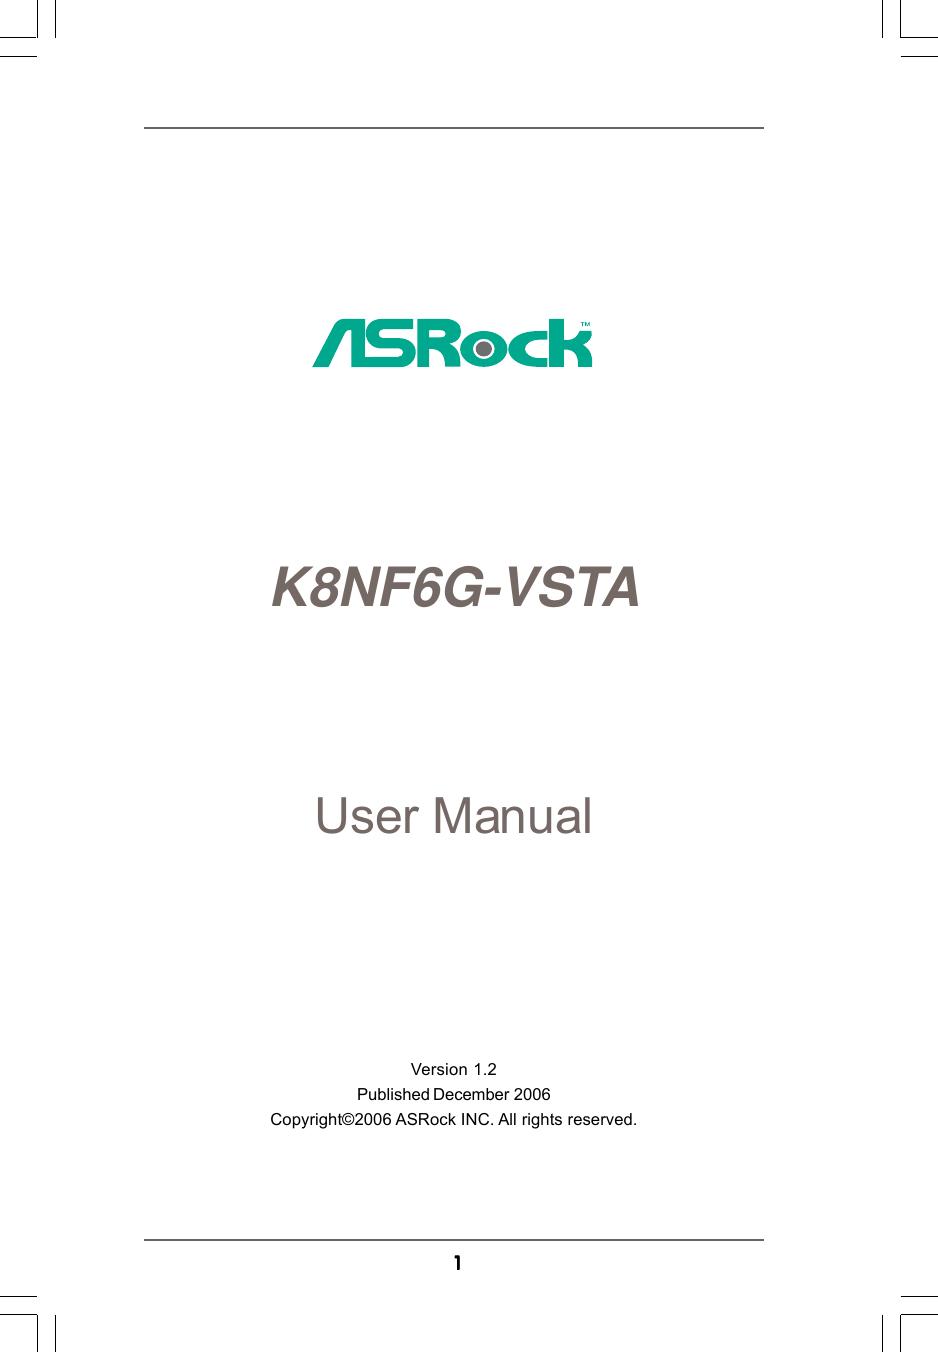 Asrock Computer Hardware K8Nf6G Vsta Users Manual VSTA_UM.p65